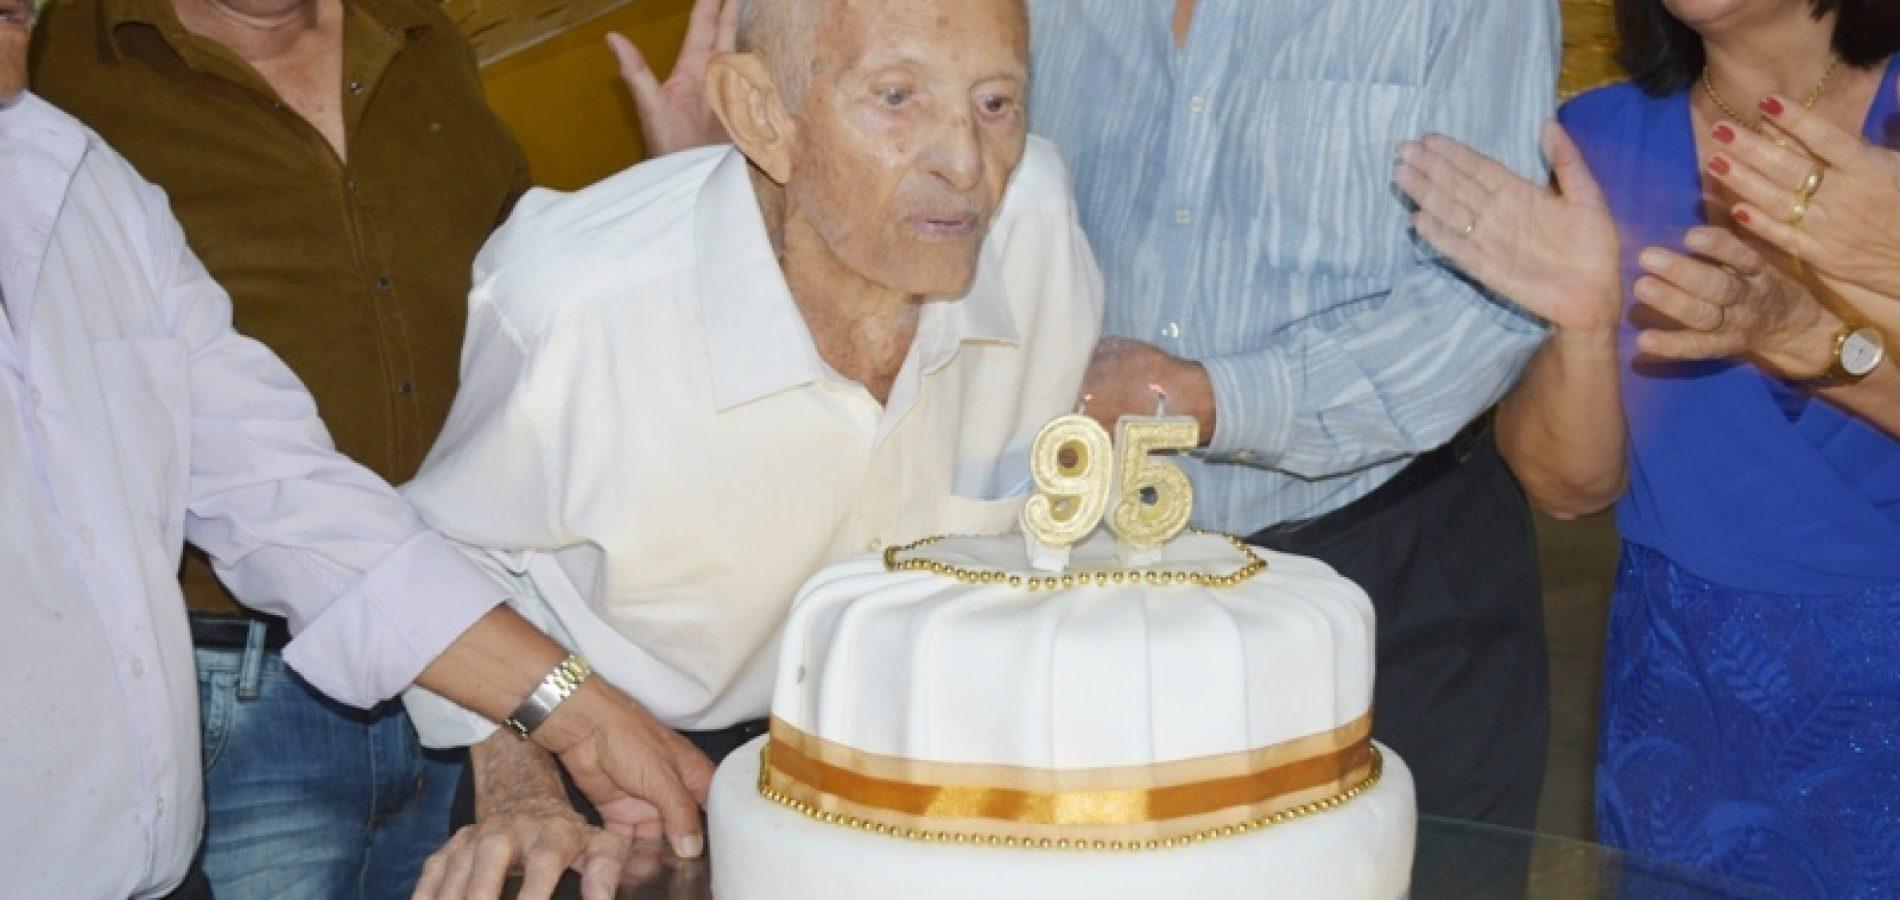 Aos 96 anos, morre em Vila Nova do Piauí, 'Seu Navez', pai do ex-prefeito, Zé Navez; corpo será velado e sepultado na fazenda Milhãs